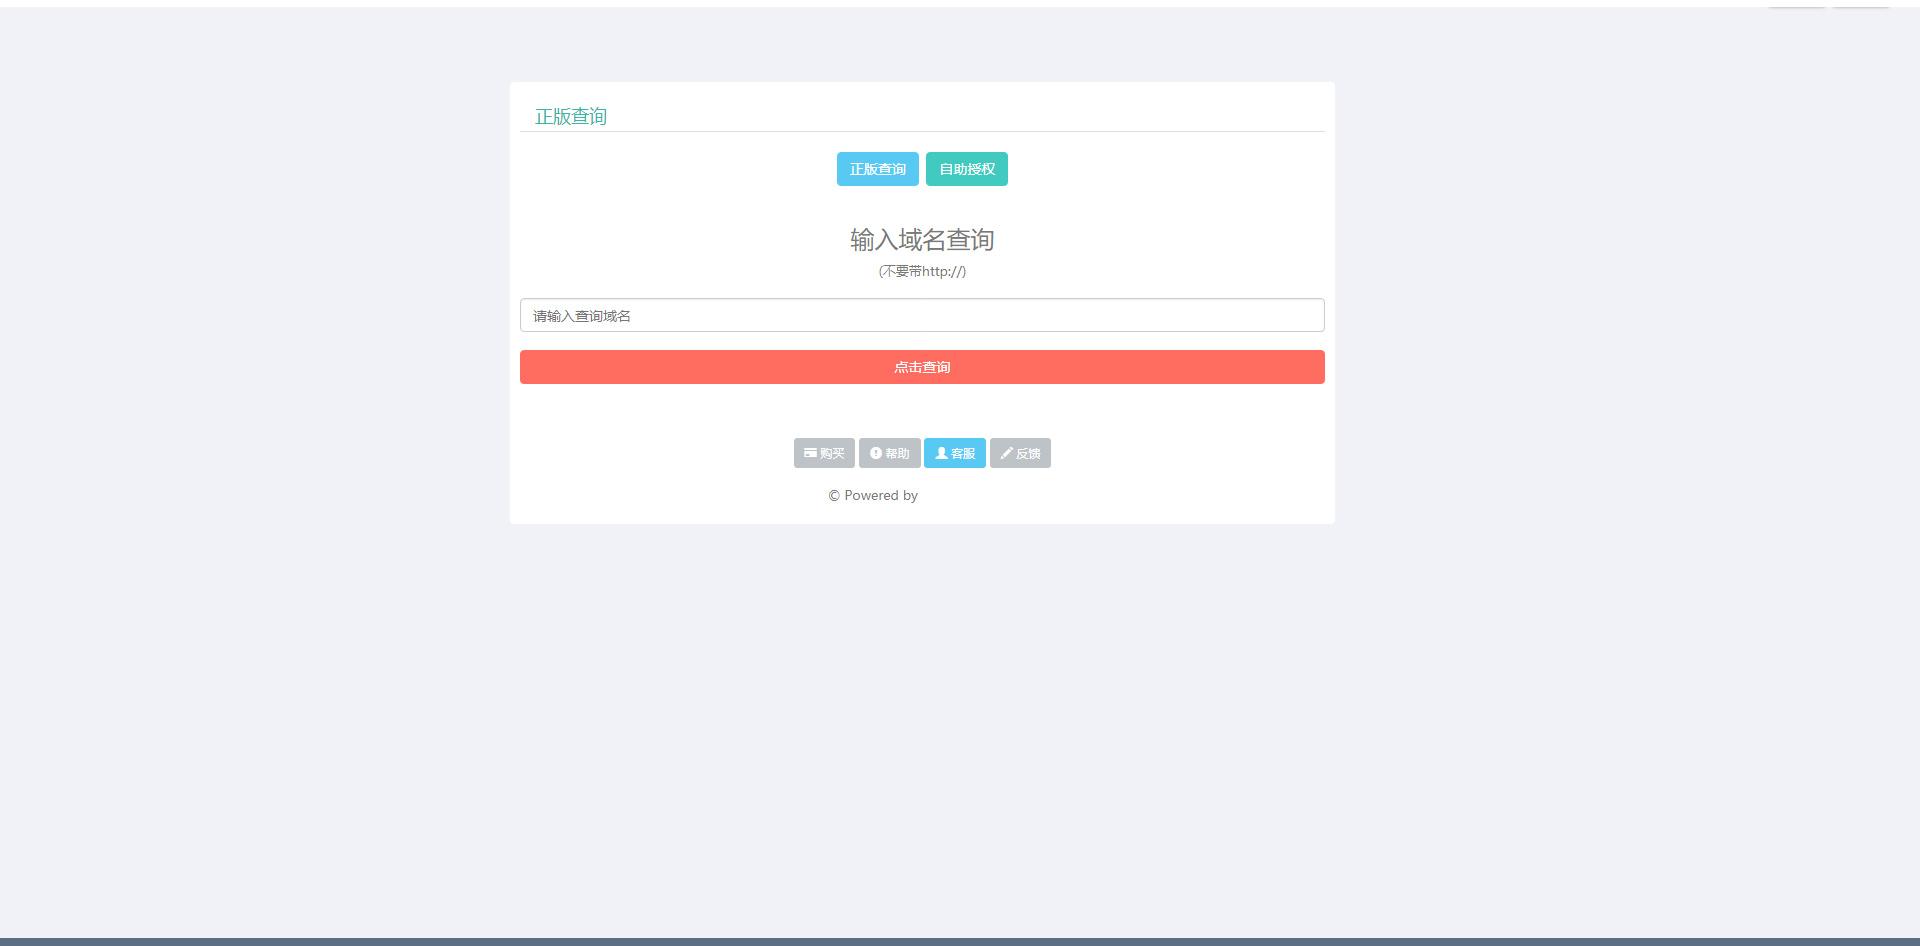 【网站授权验证系统】新版WEB网站防盗版支持在线检测V2.7定制版带一键更新系统源码[自带卡密自助授权功能]-找主题源码